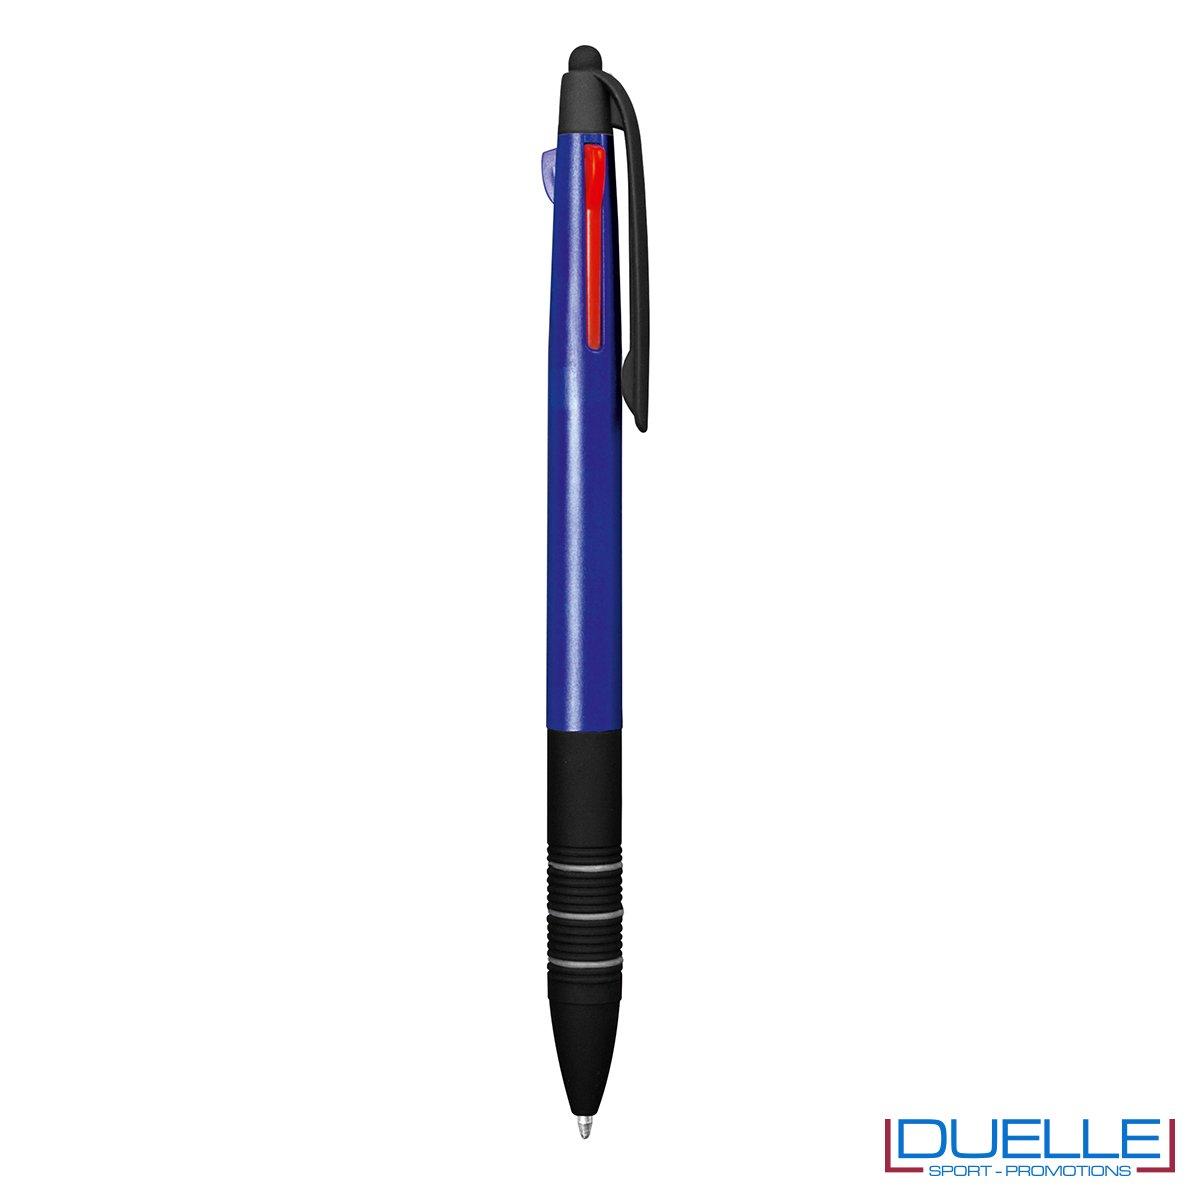 Penna personalizzata con touch 3 in 1 colore blu navy